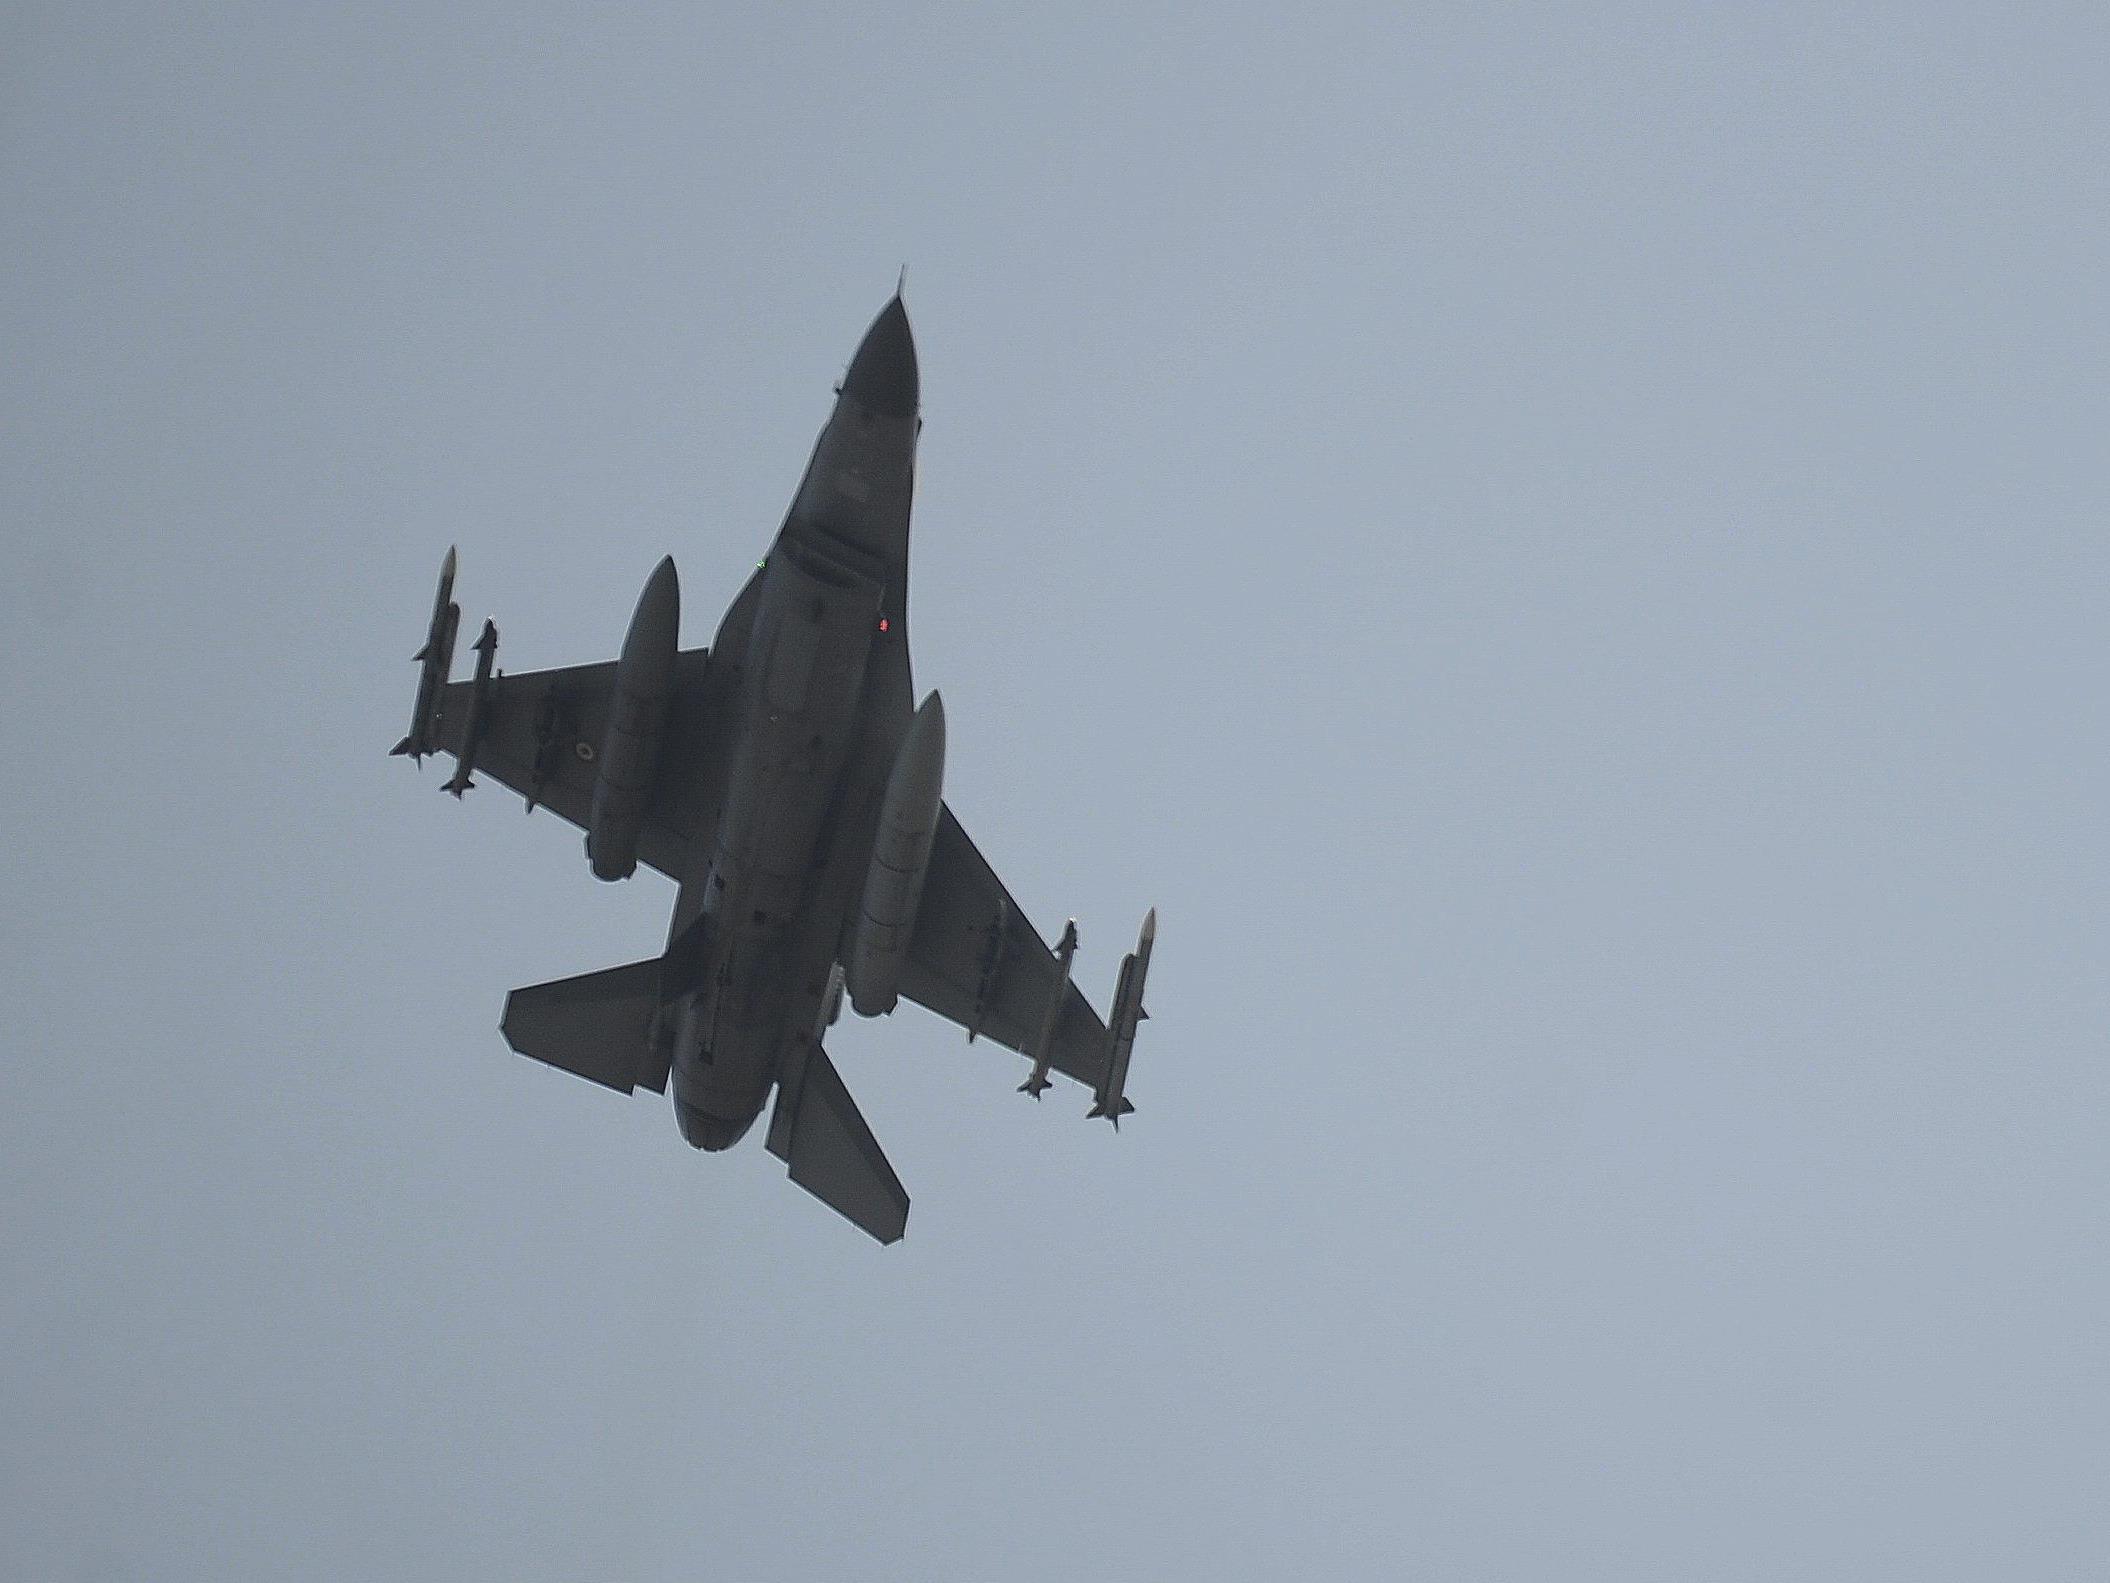 Die Türkei hat nach eigenen angaben eine fremde Drohne über ihrem Gebiet abgeschossen.